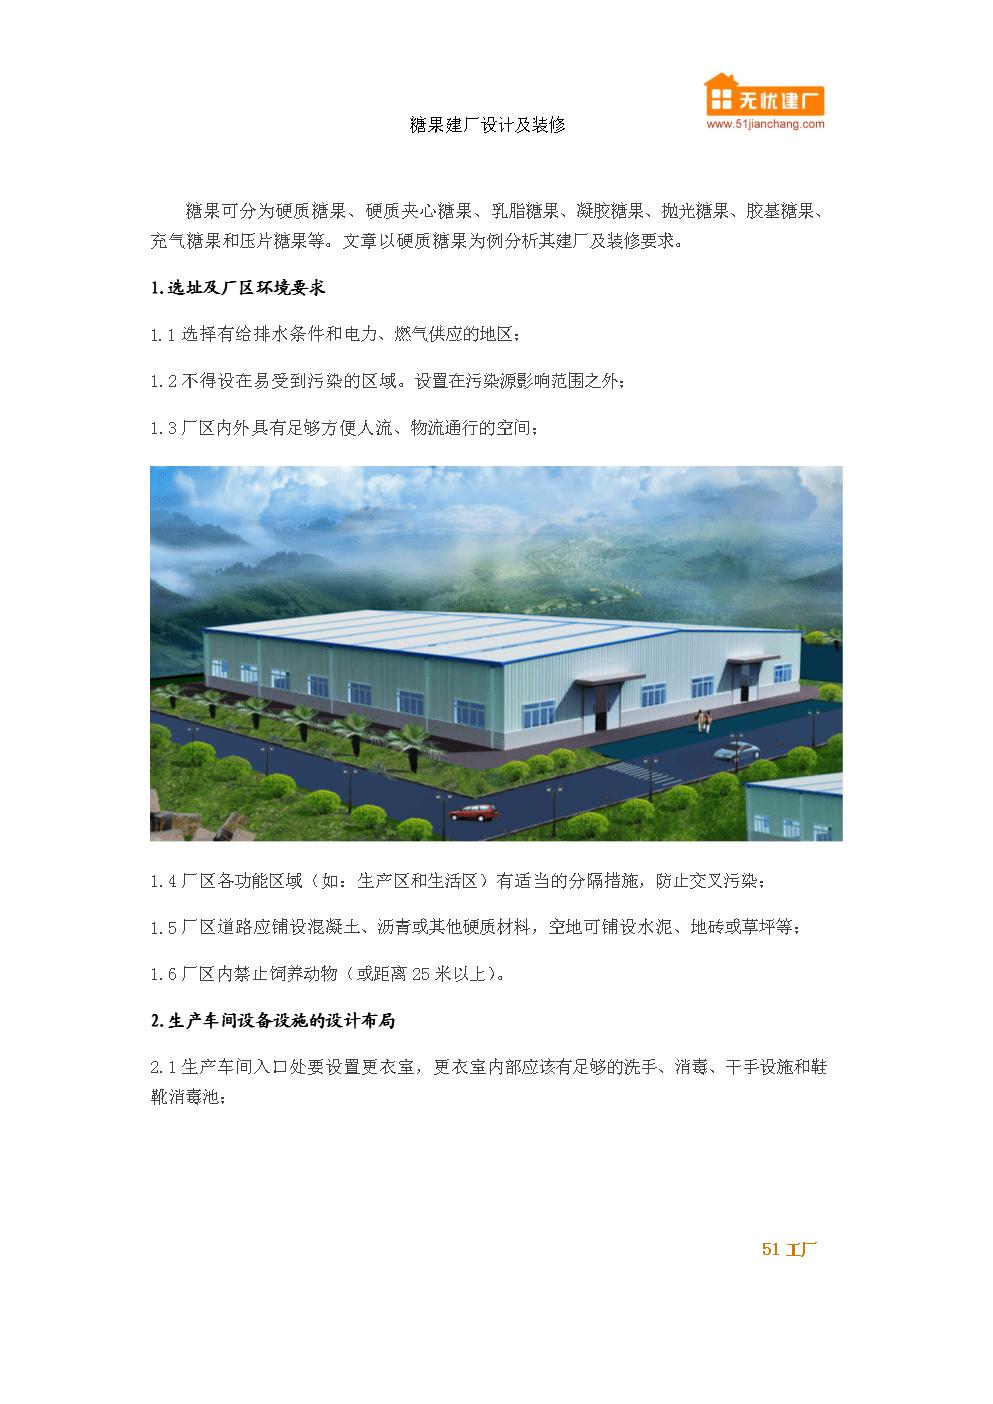 糖果建厂设计及装修要求.docx